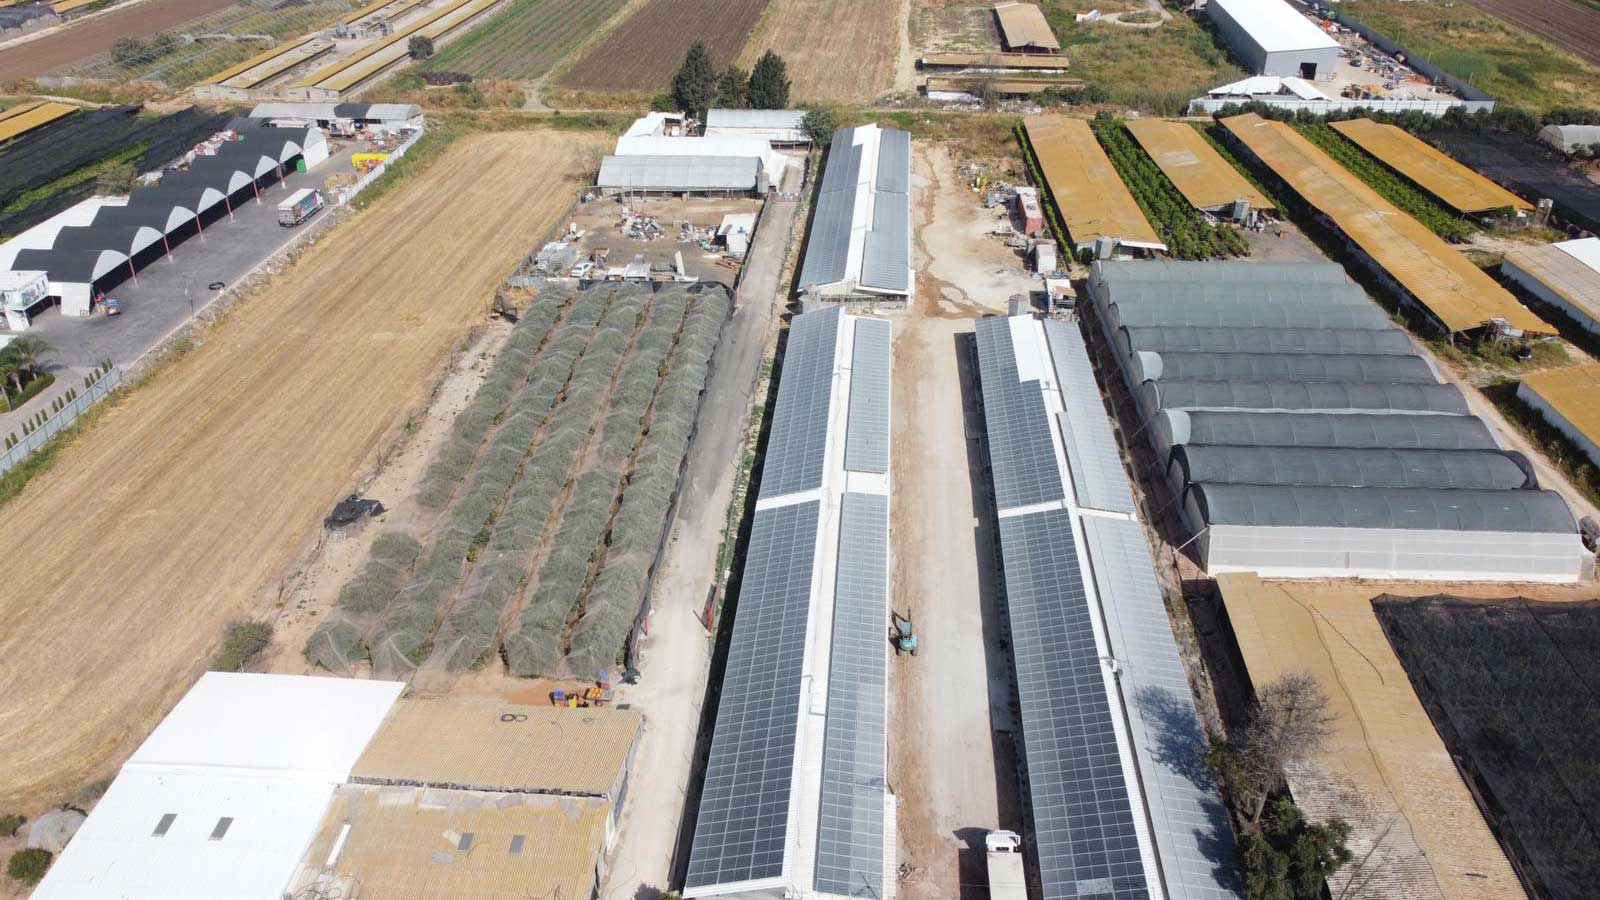 """מושב חצב החלפת גגות אסבסט לפאנל מבודד בלולים 4,000 מ""""ר   - שיתוף פעולה עם חברה סולארית"""